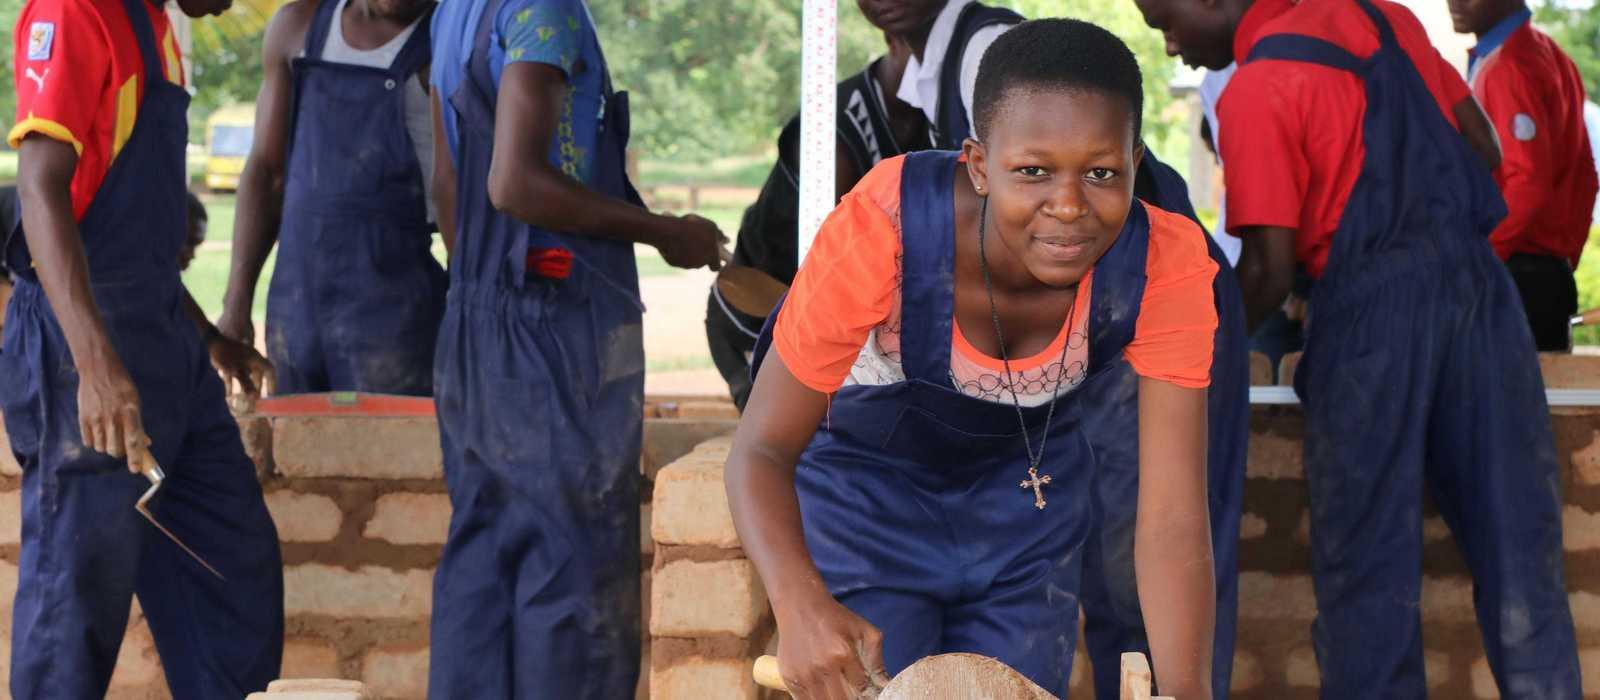 Mädchen macht ihre Ausbildung bei Don Bosco